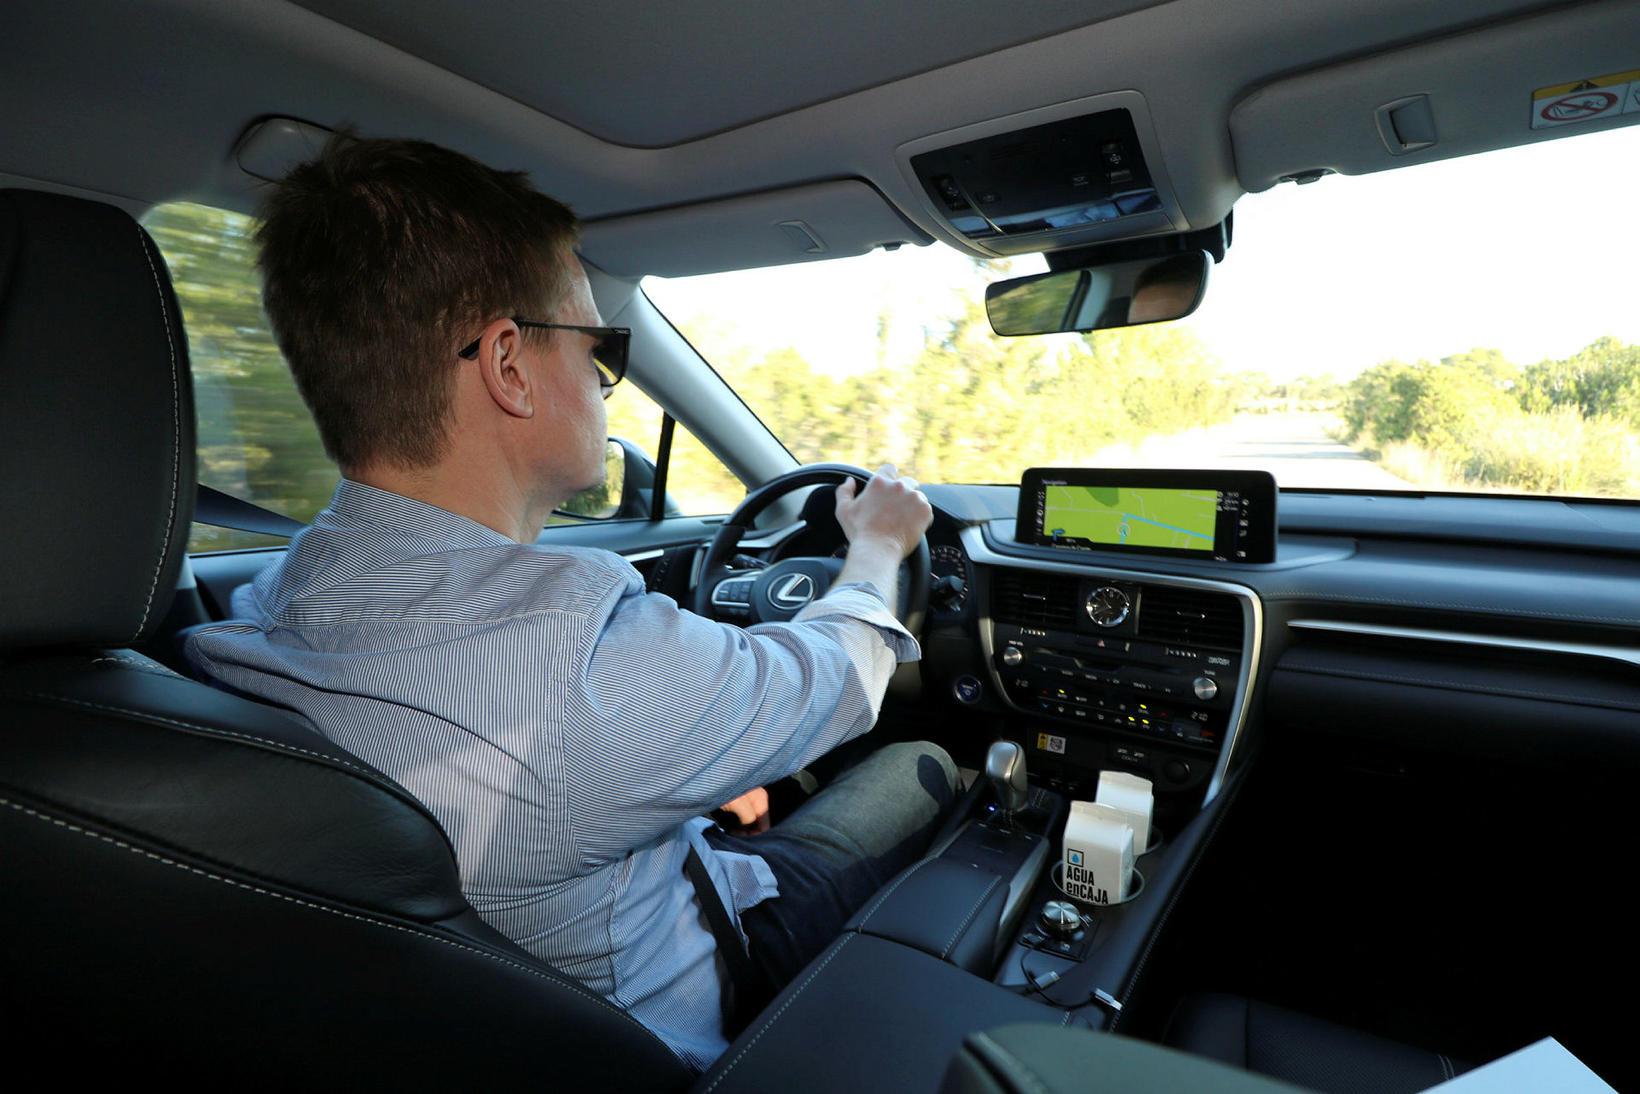 Blaðamaður við stýrið á Lexus RX á Ibiza á Spáni.